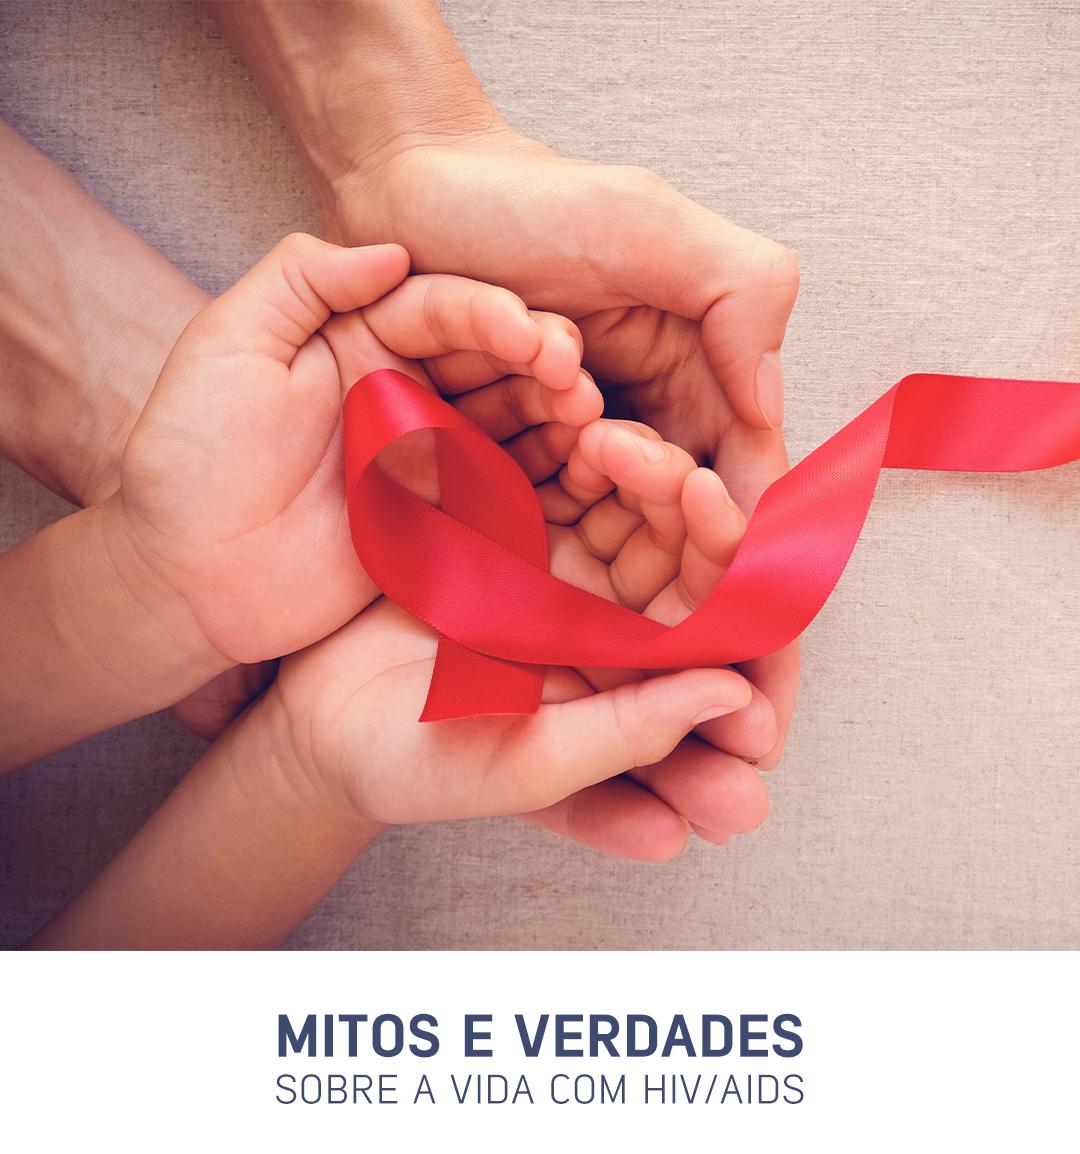 sulamerica_2020_saude_artigo_mitos-vdd-aids_v2_header